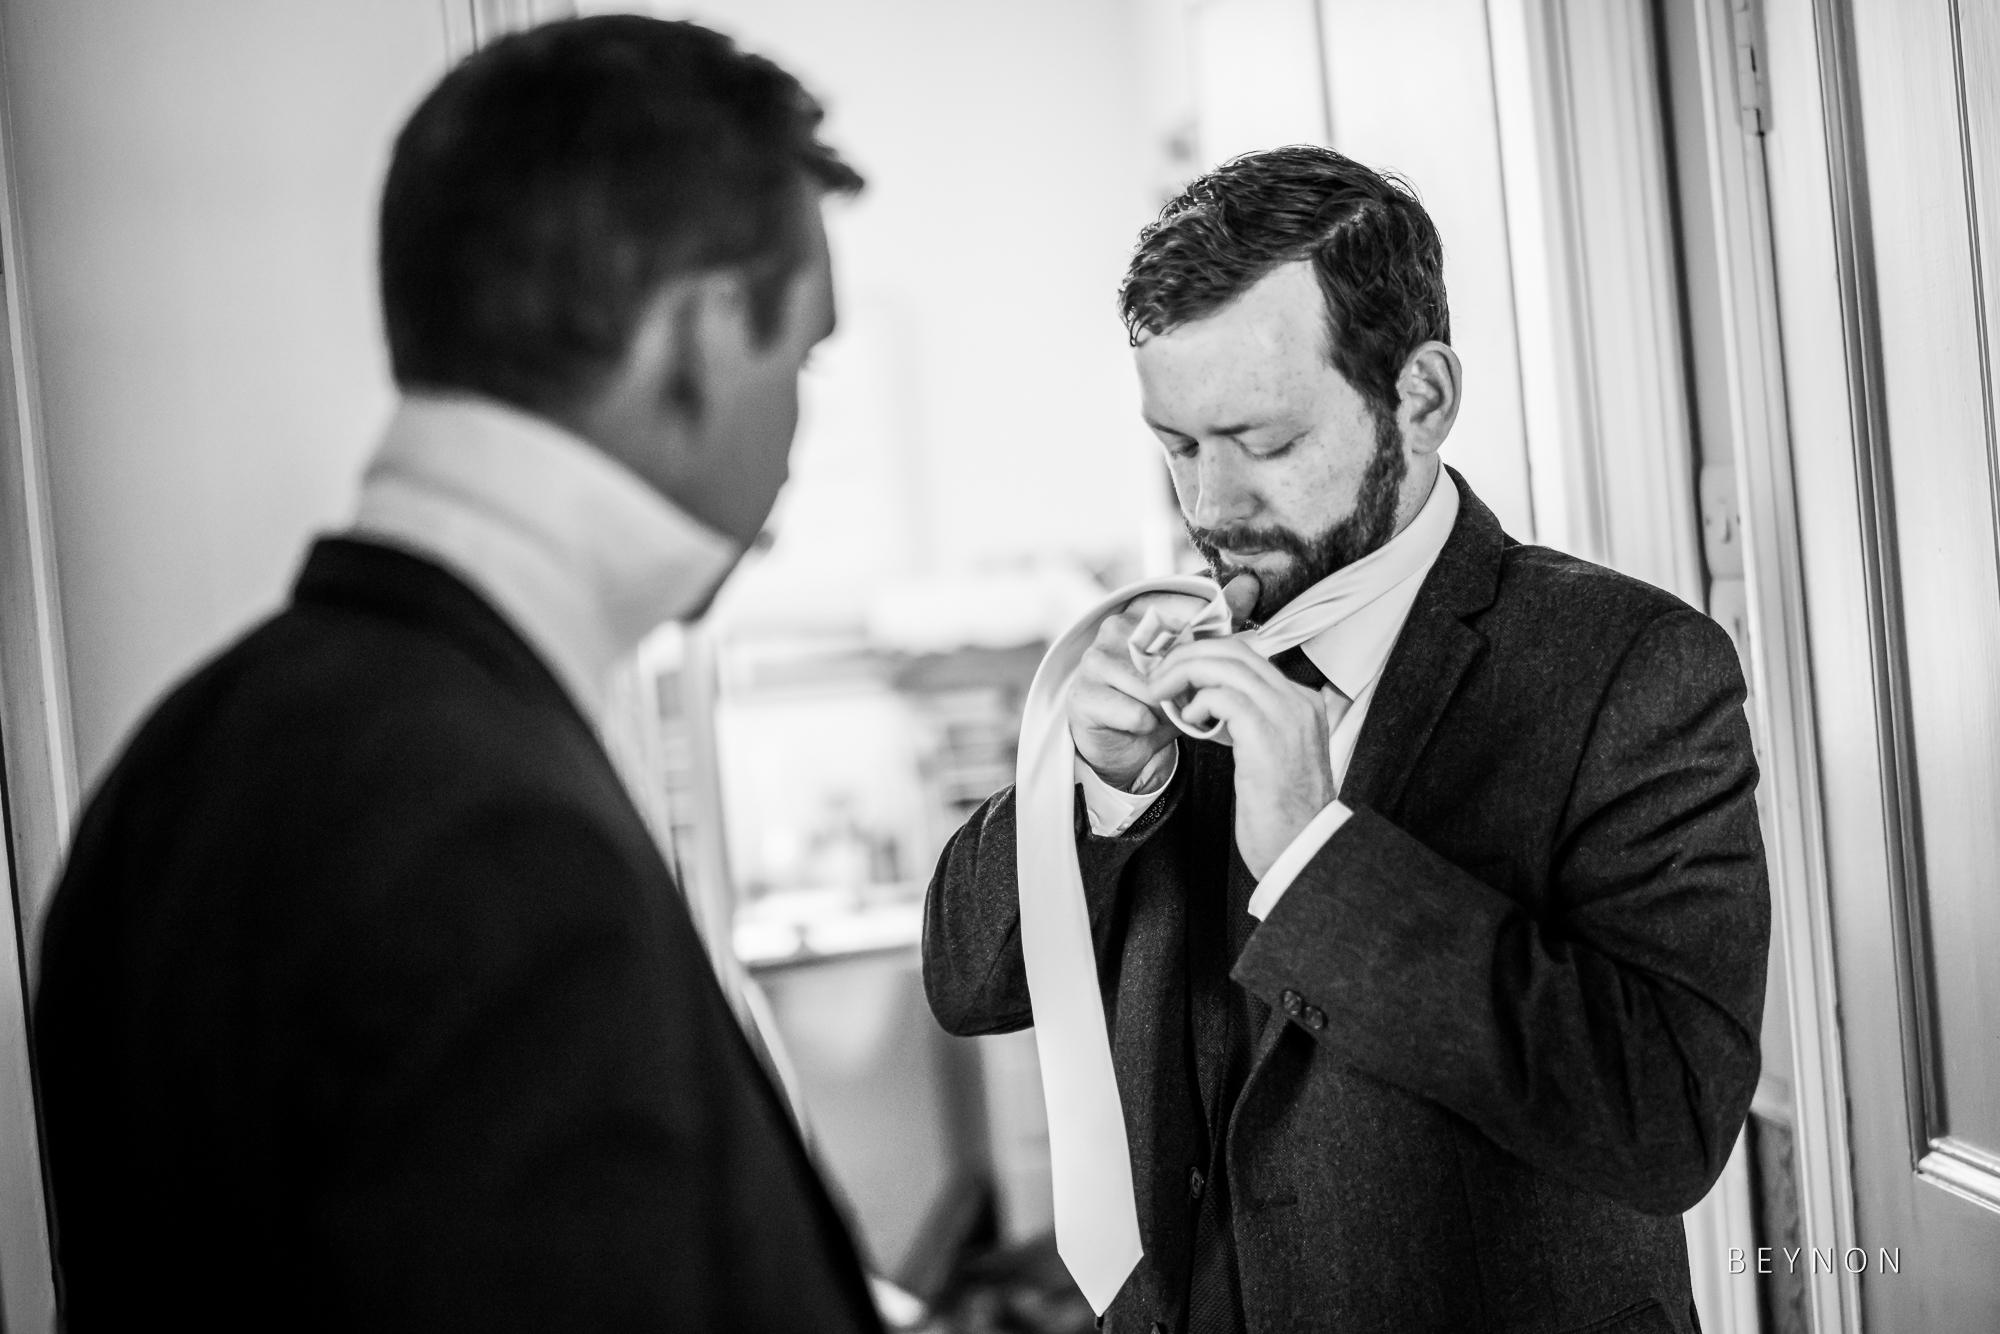 Guests tie their ties